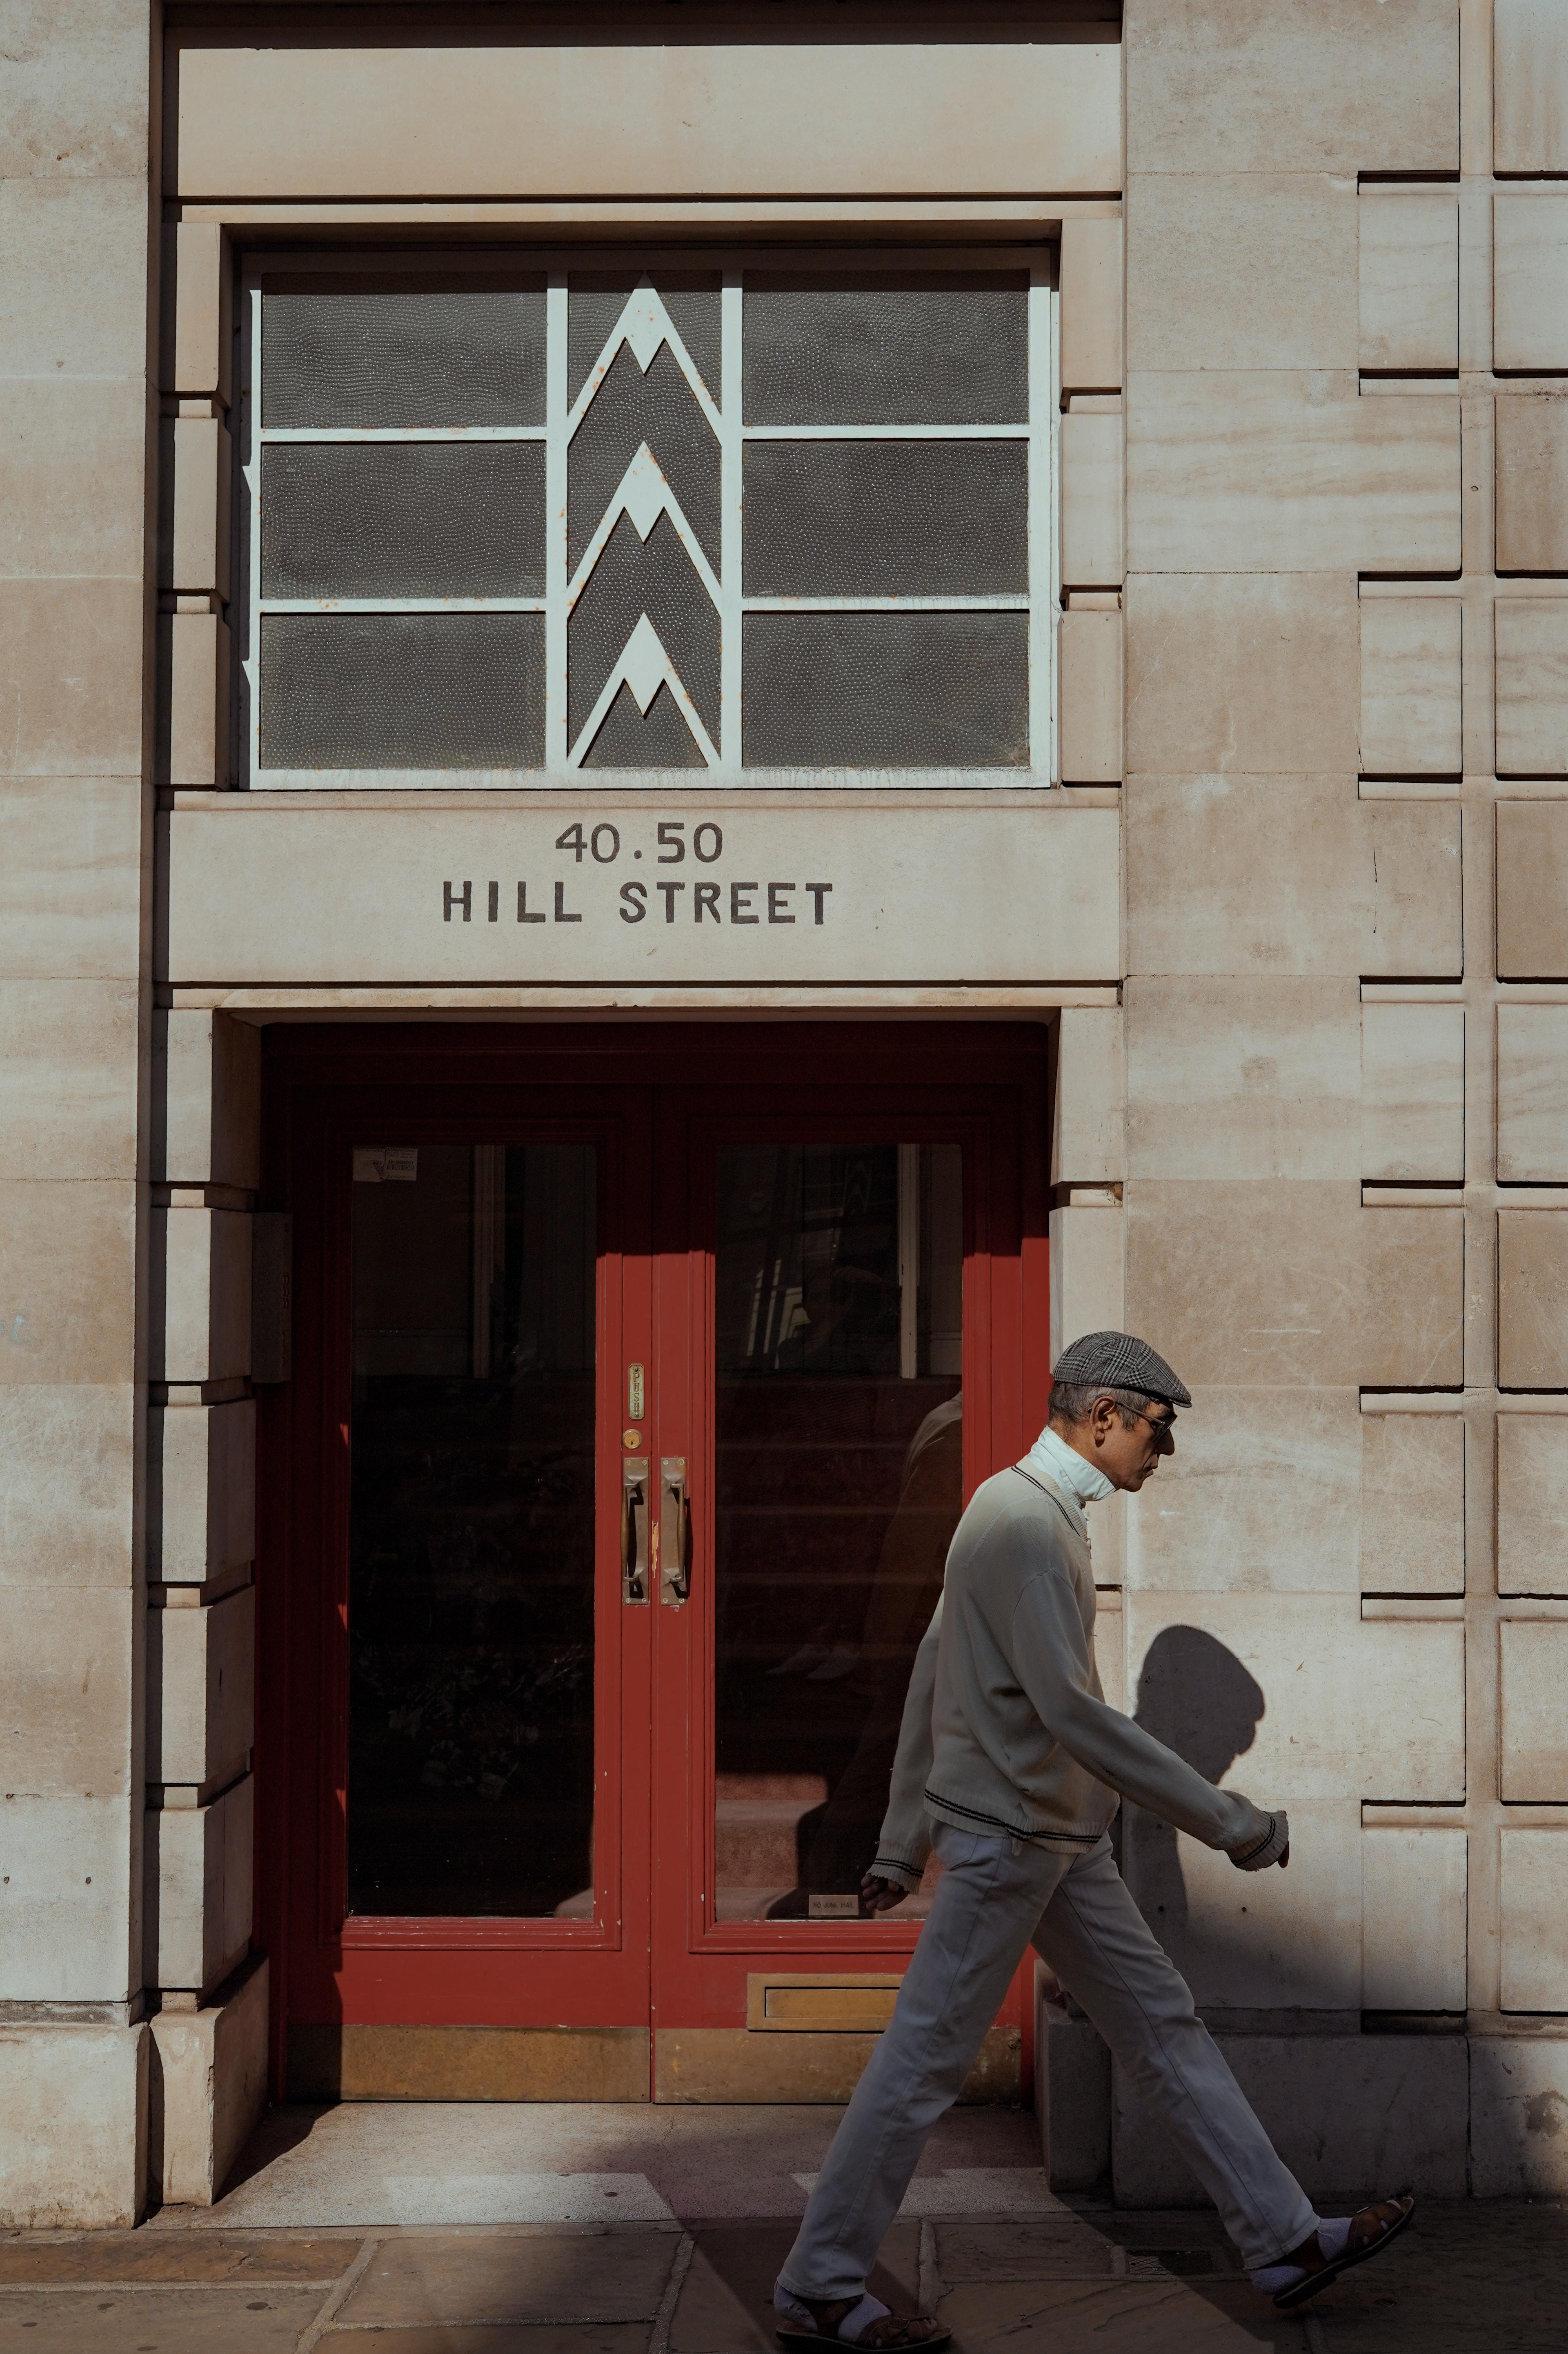 man pass through 40.50 Hill Street